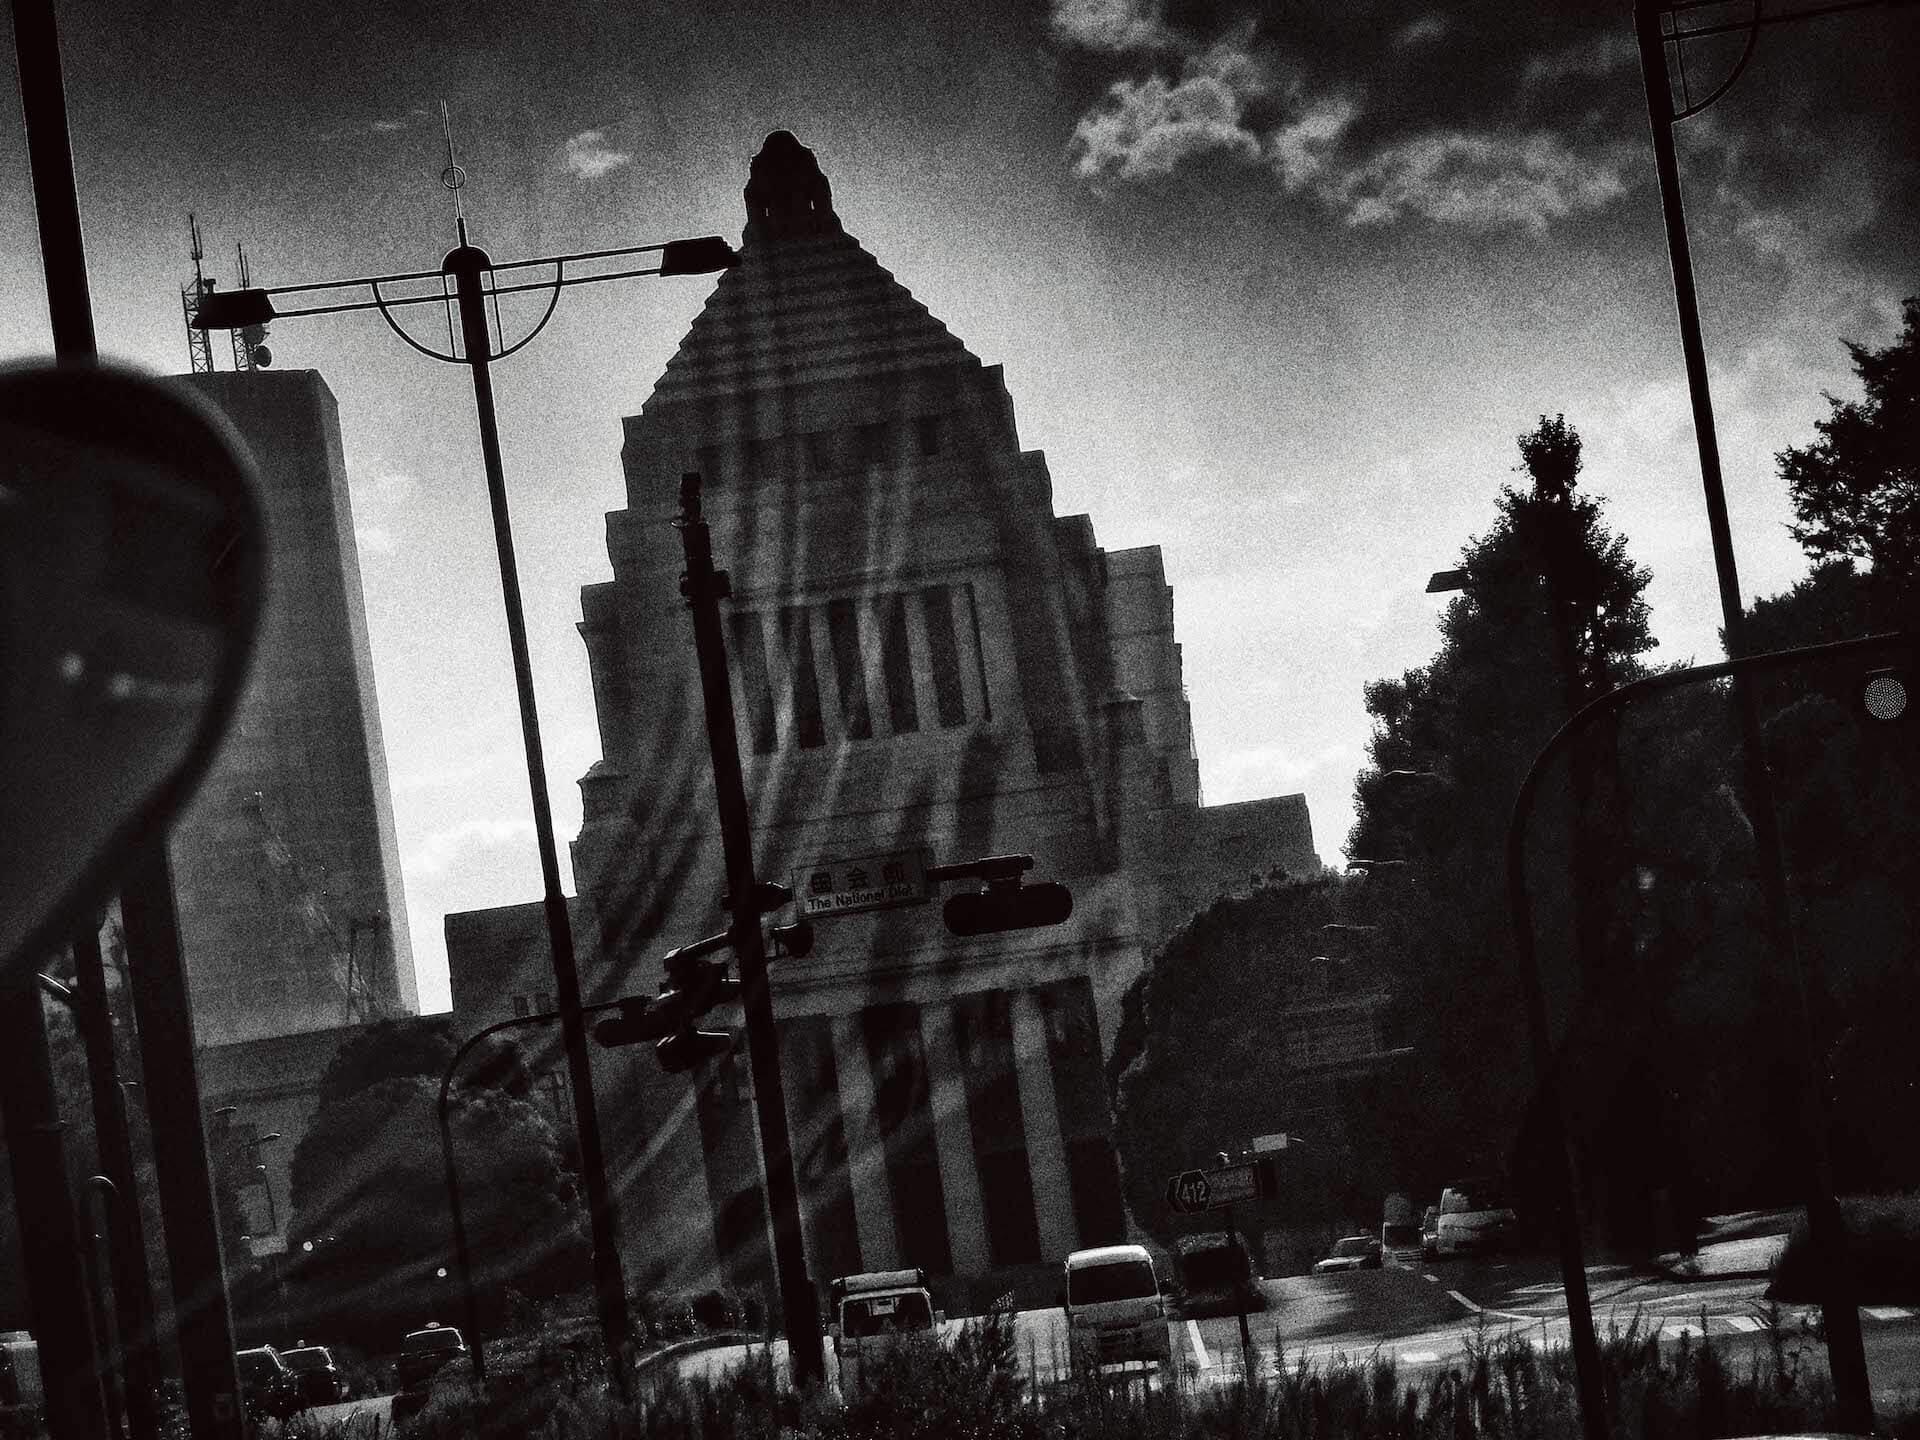 東京の路地裏を捉えた森山大道の写真集『Tokyo』が発売|撮影現場に同行したインタビュー動画公開&パネル展も開催 ac200714_daido_moriyama_03